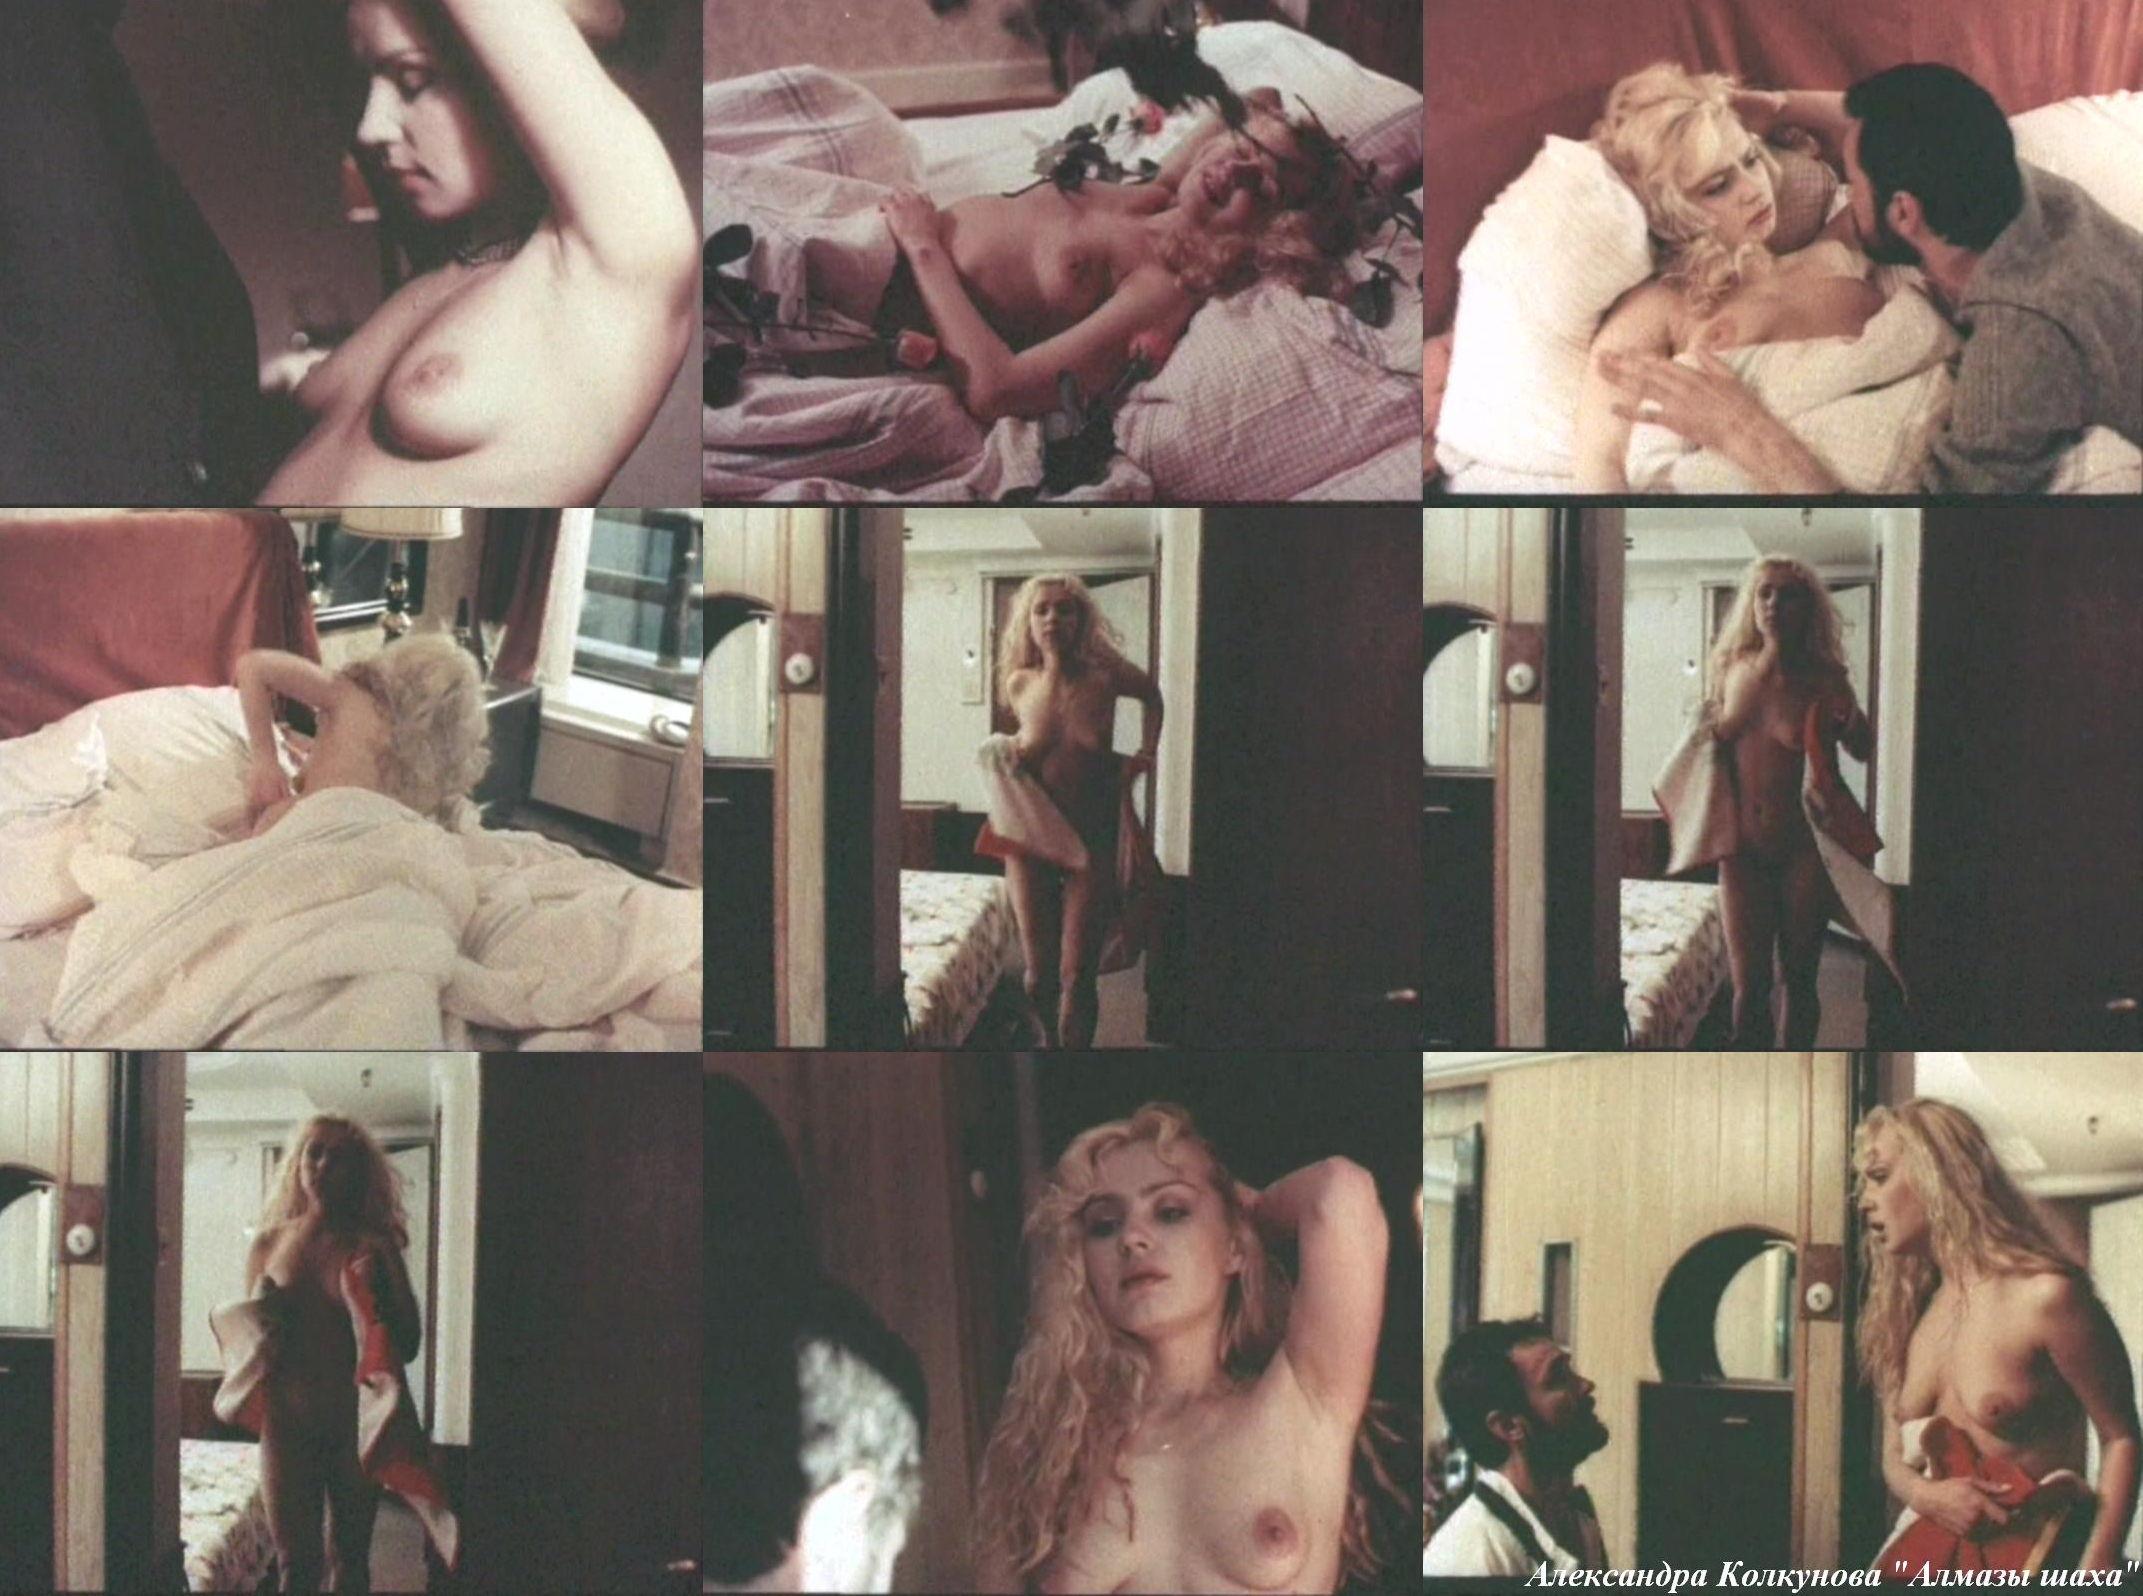 Женщина сверху яковлева александра порно голая белых